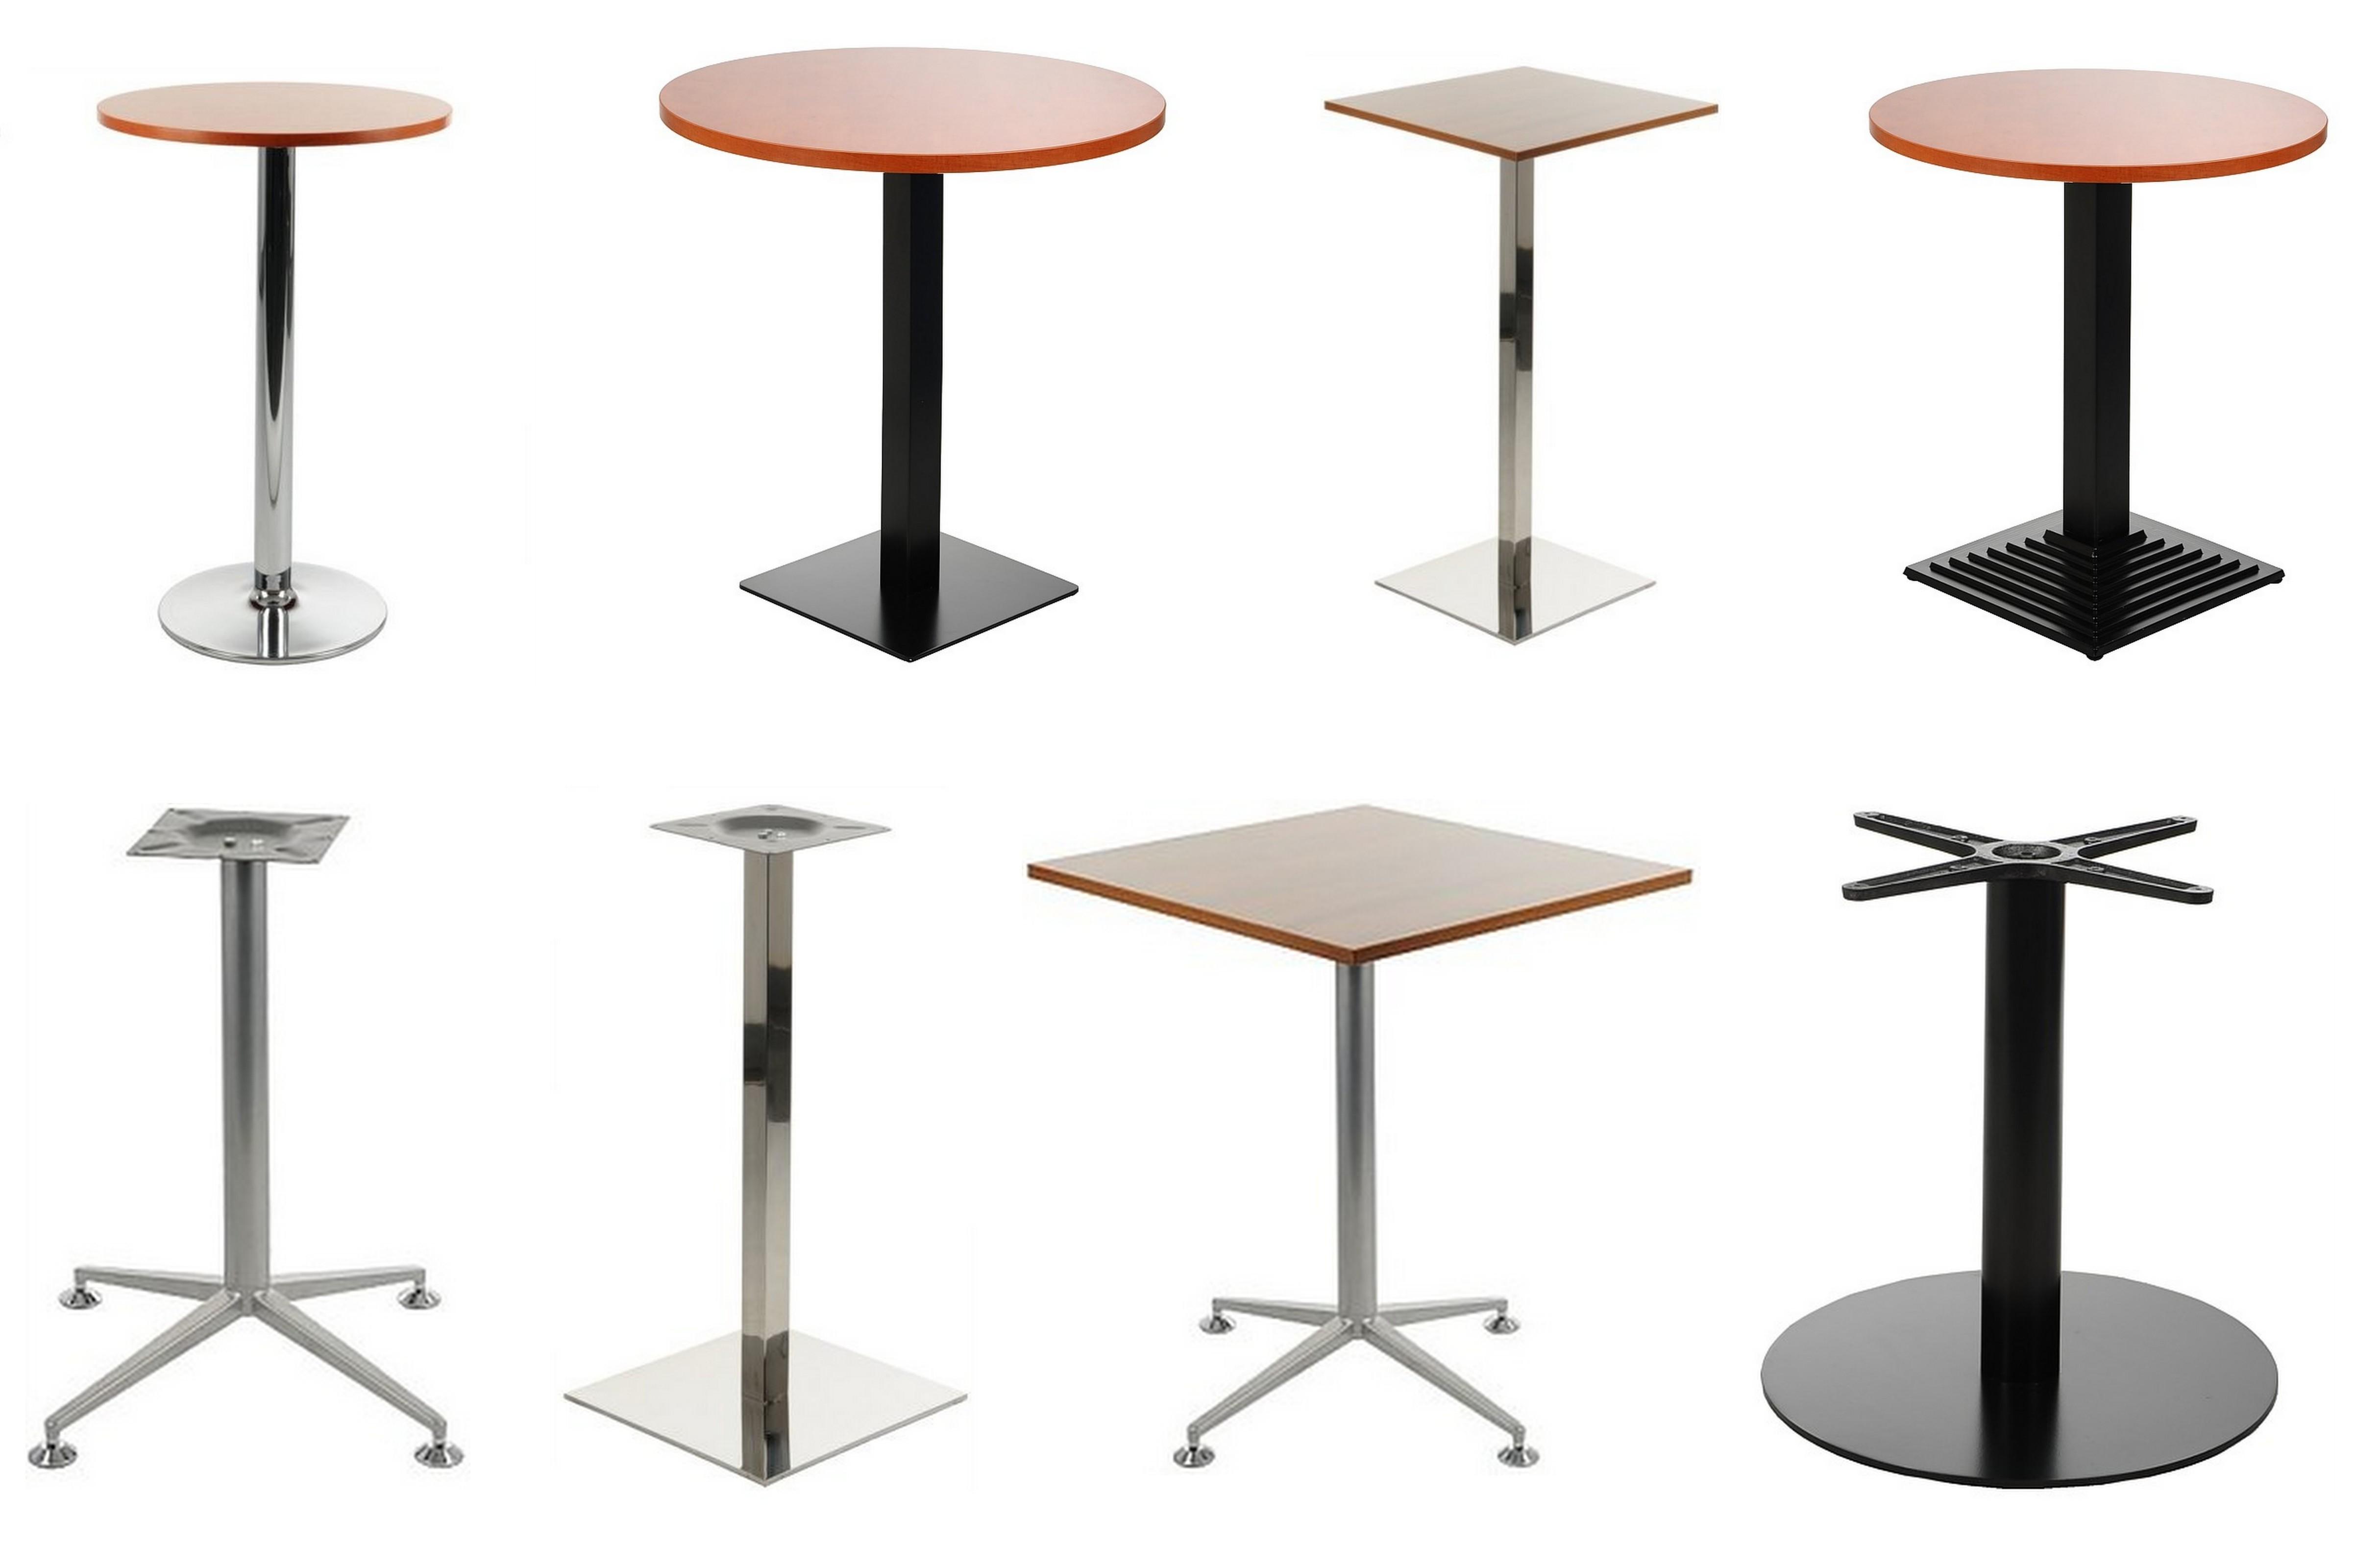 Podstawy stolików wysokość ok. 72cm